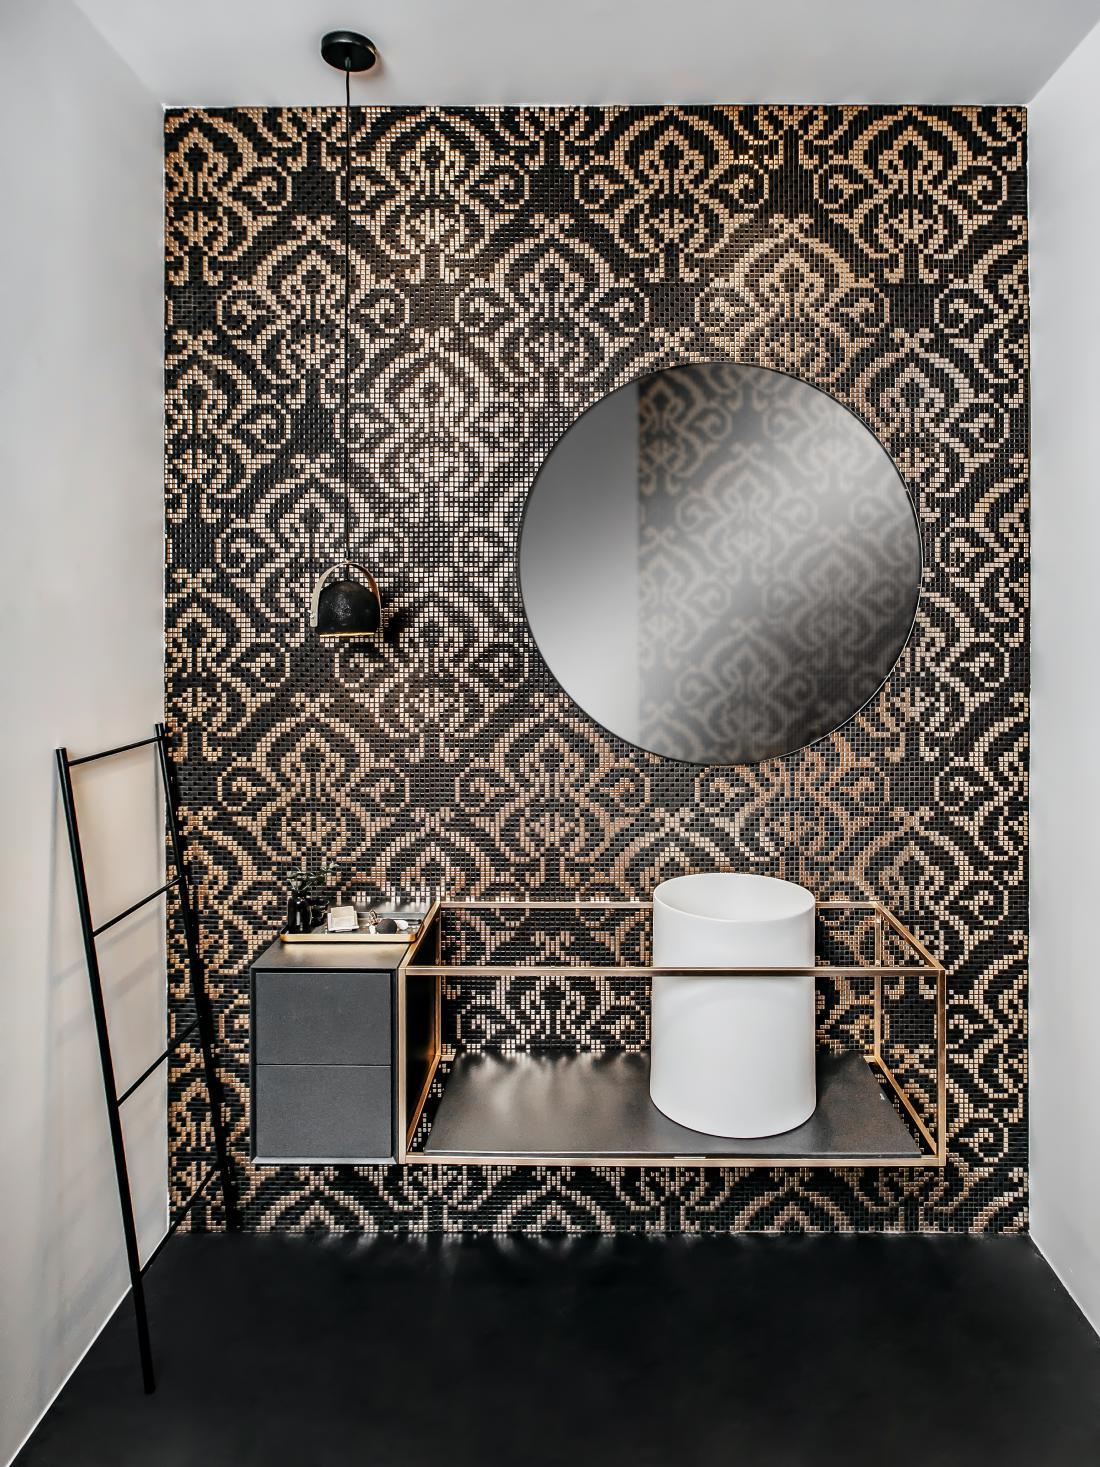 Zasnove nove kopalnice se je dobro lotiti s pomočjo arhitekta ali svetovalca (foto Drumlife production).